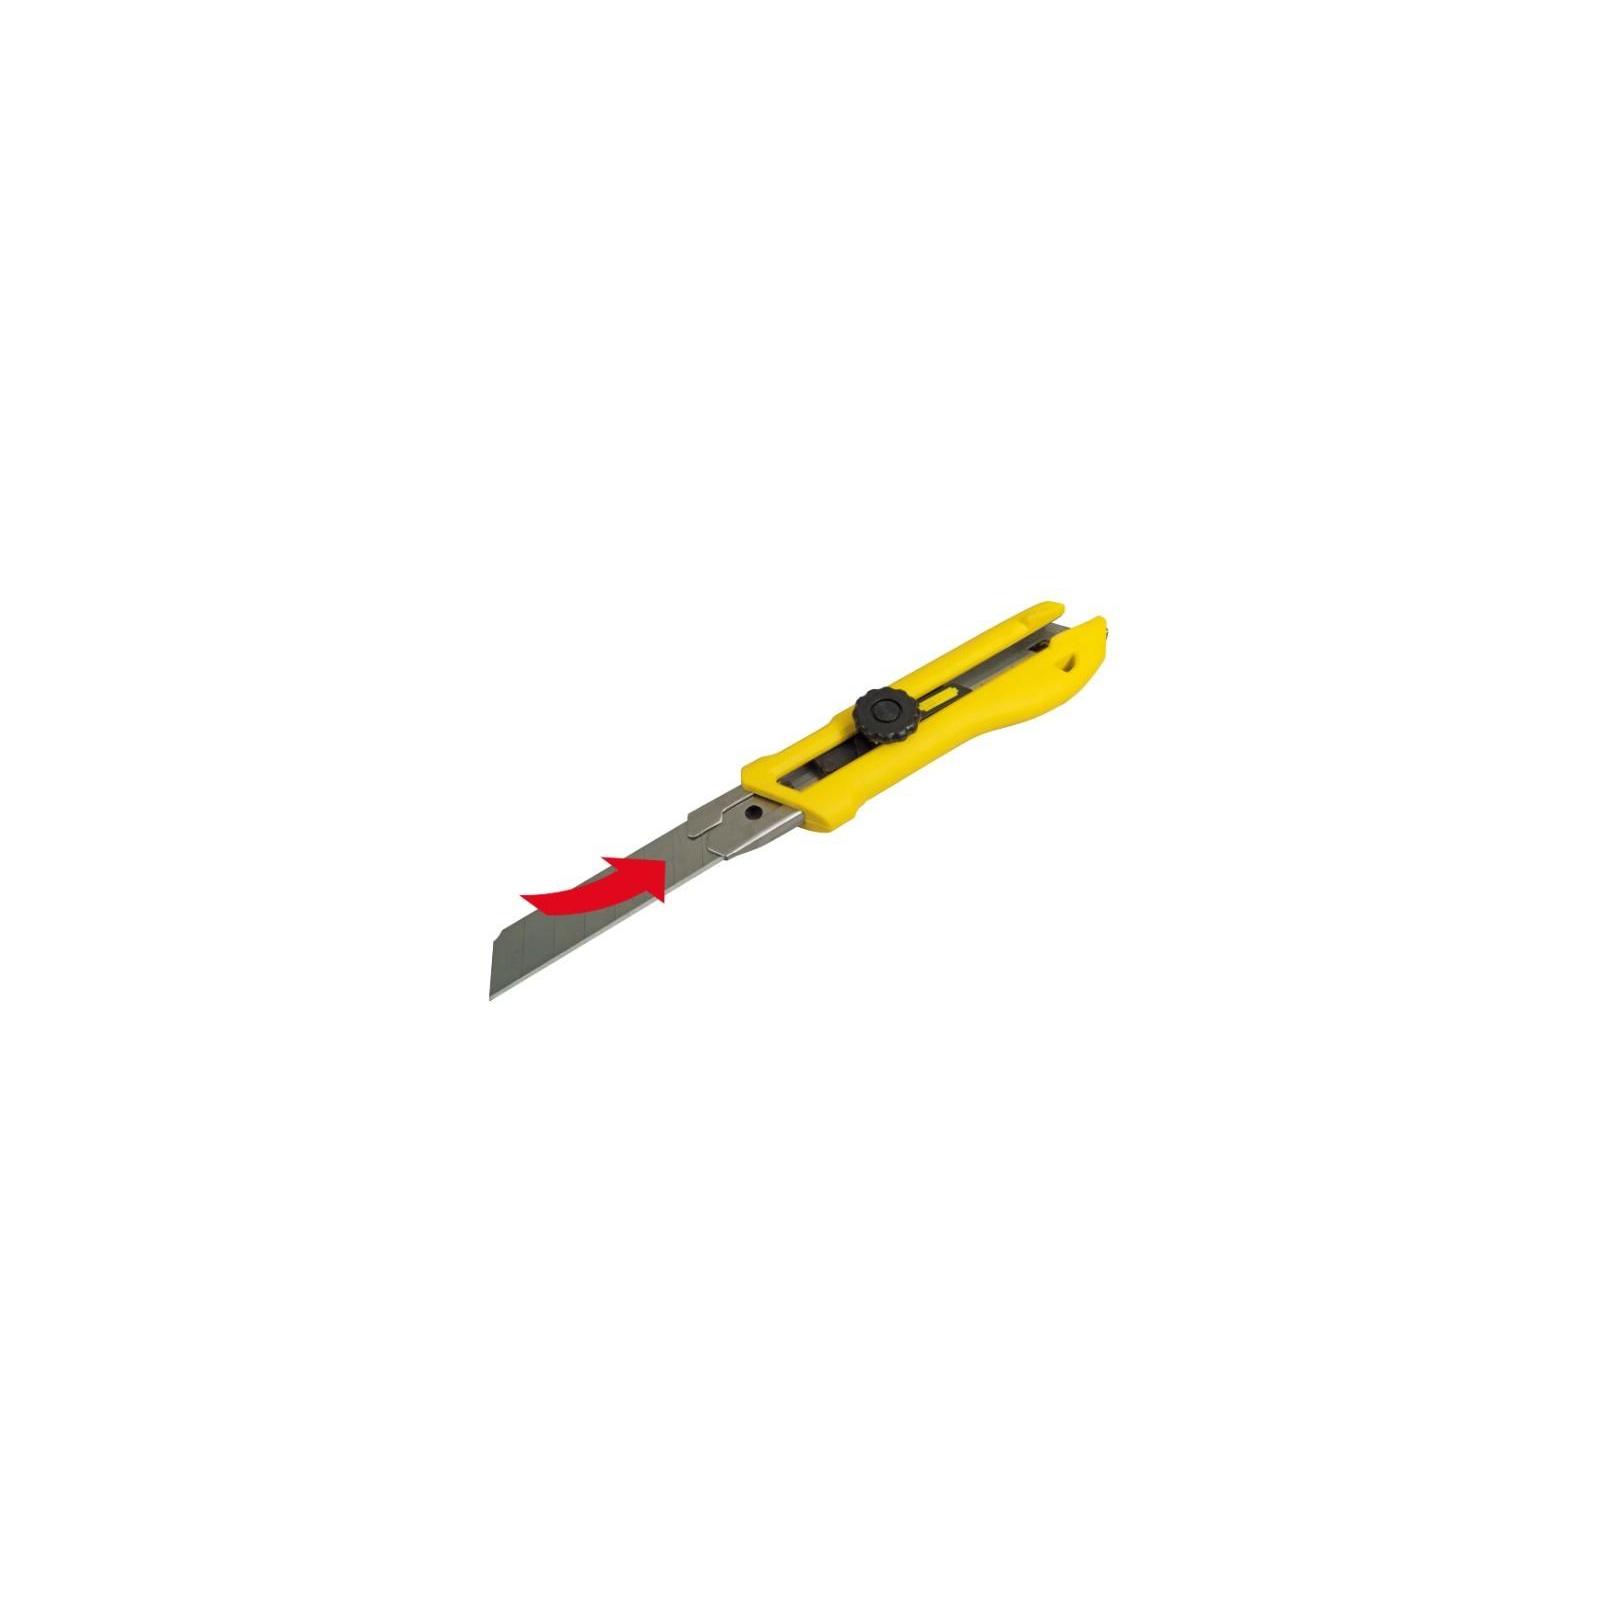 """Нож монтажный Stanley """"Instant Change"""" выдвиж. лезвие шириной 25мм, L=160мм. (STHT0-10187) изображение 5"""